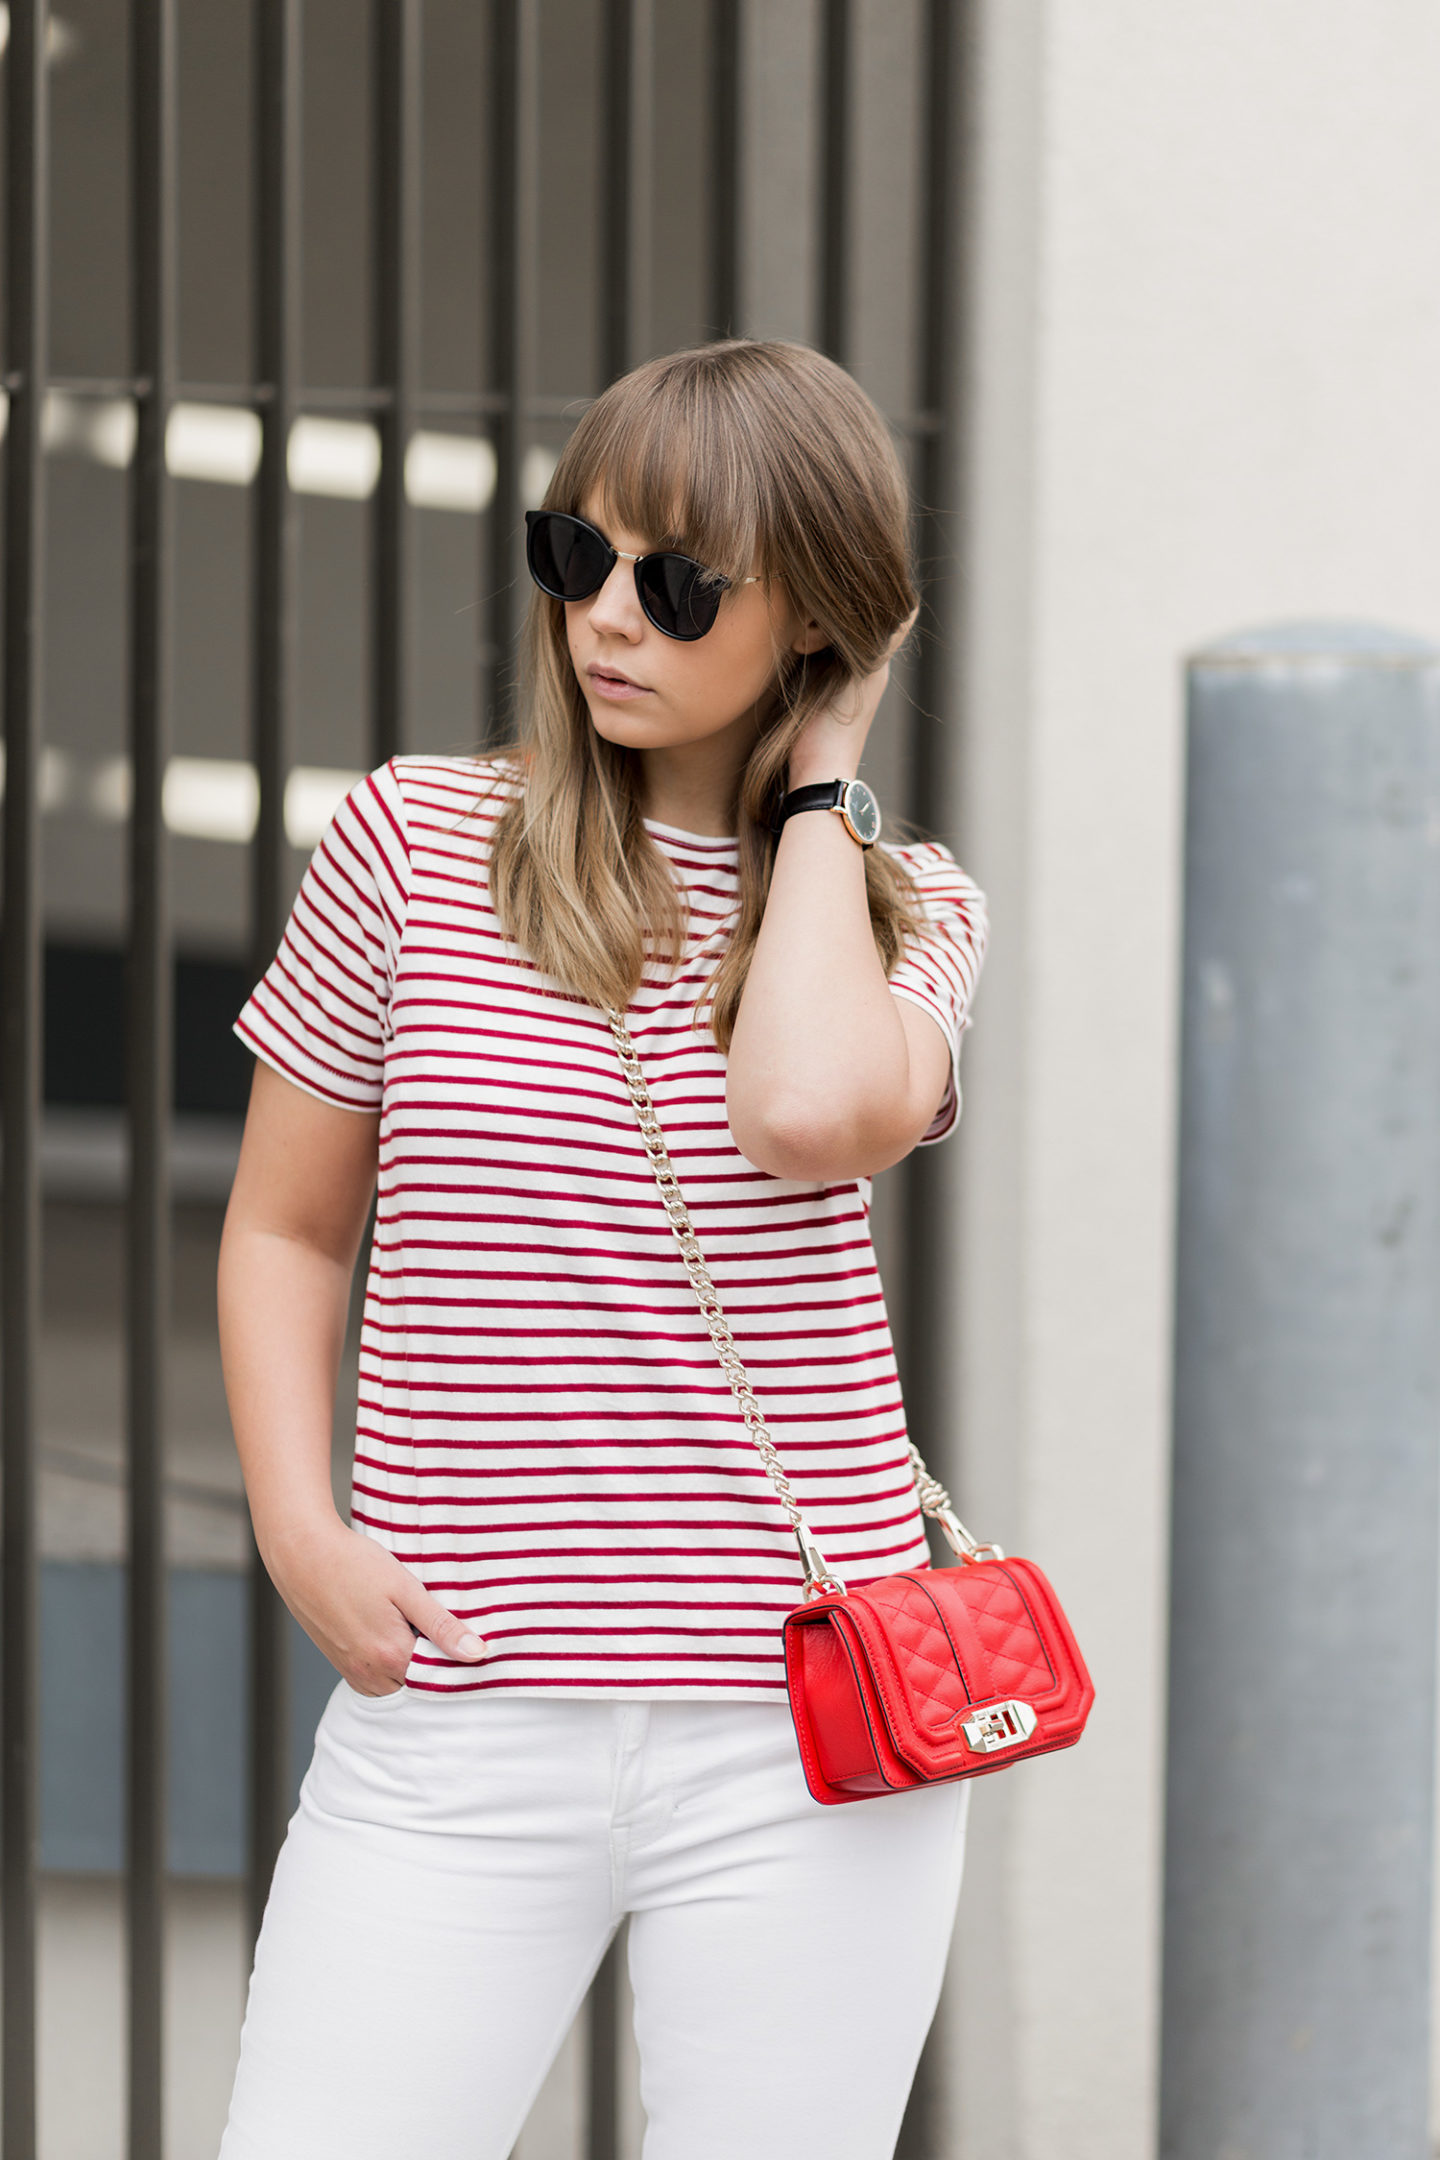 sommerliches-outfit-in-rot-und-weiß-gestreiftes-shirt-weiße-jeans-rote-rebecca-minkoff-tasche-streetstyle-bezauberndenana-1